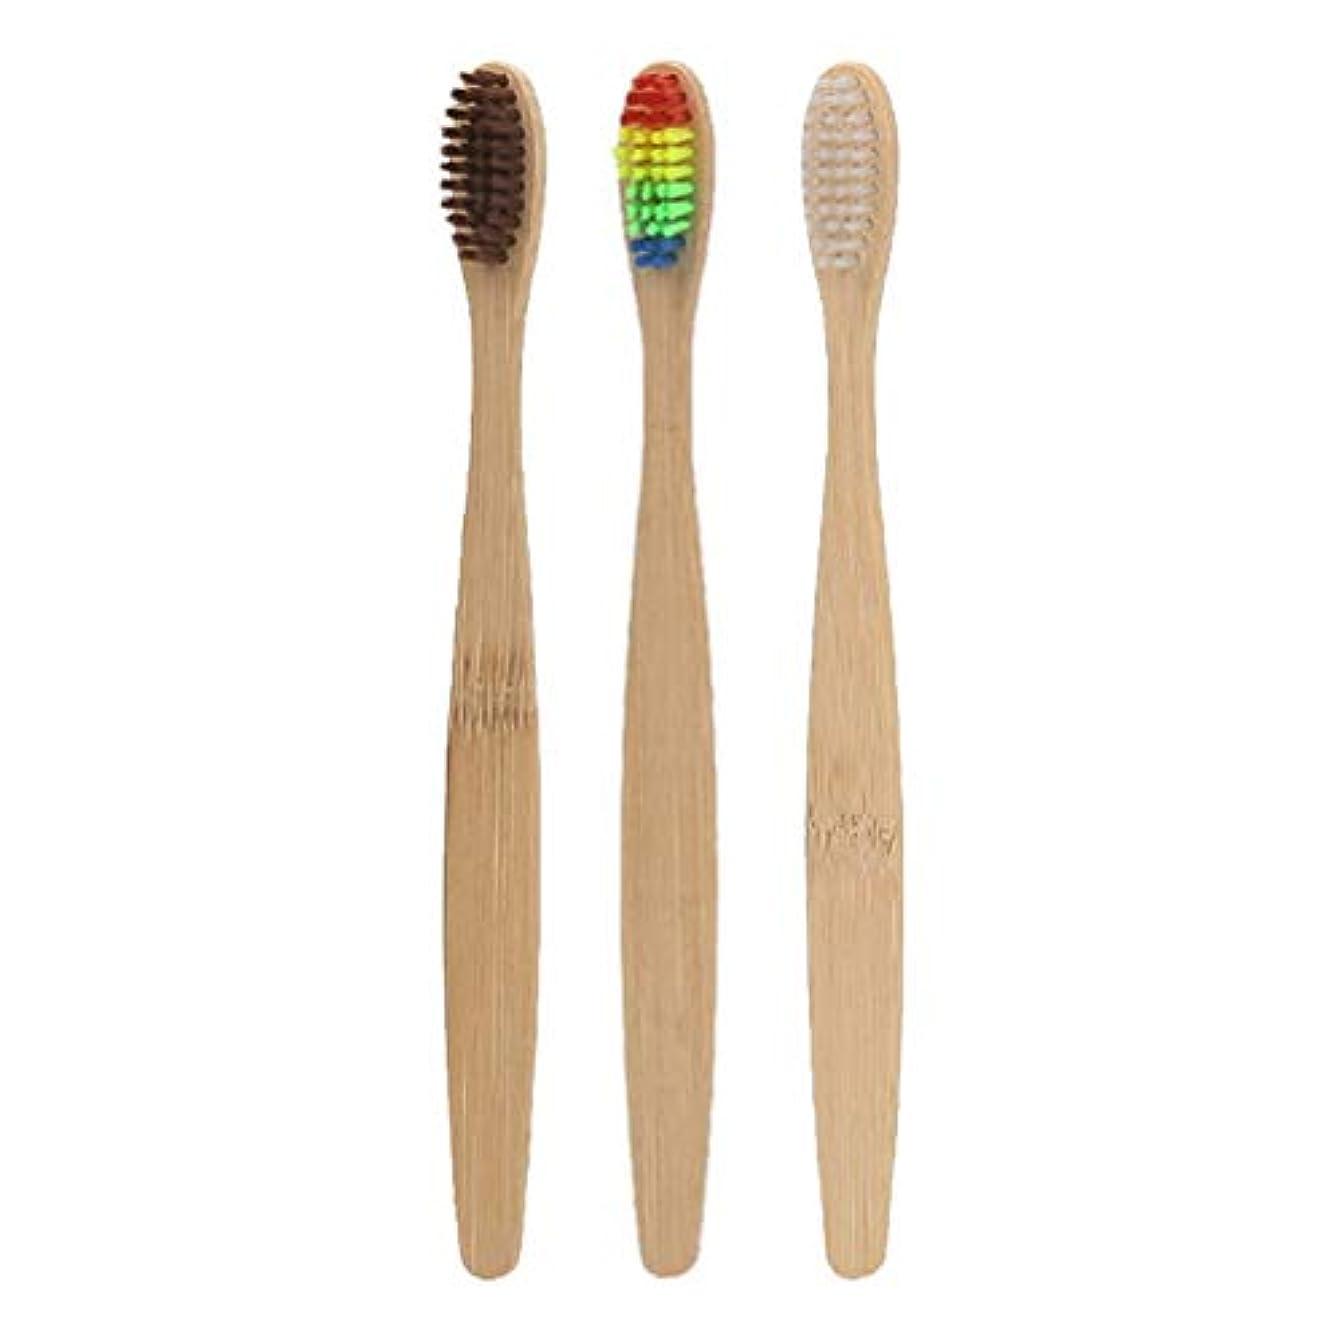 稚魚建てる移行するSUPVOX 男性の女性のための3本の天然竹歯ブラシ生分解性歯ブラシ